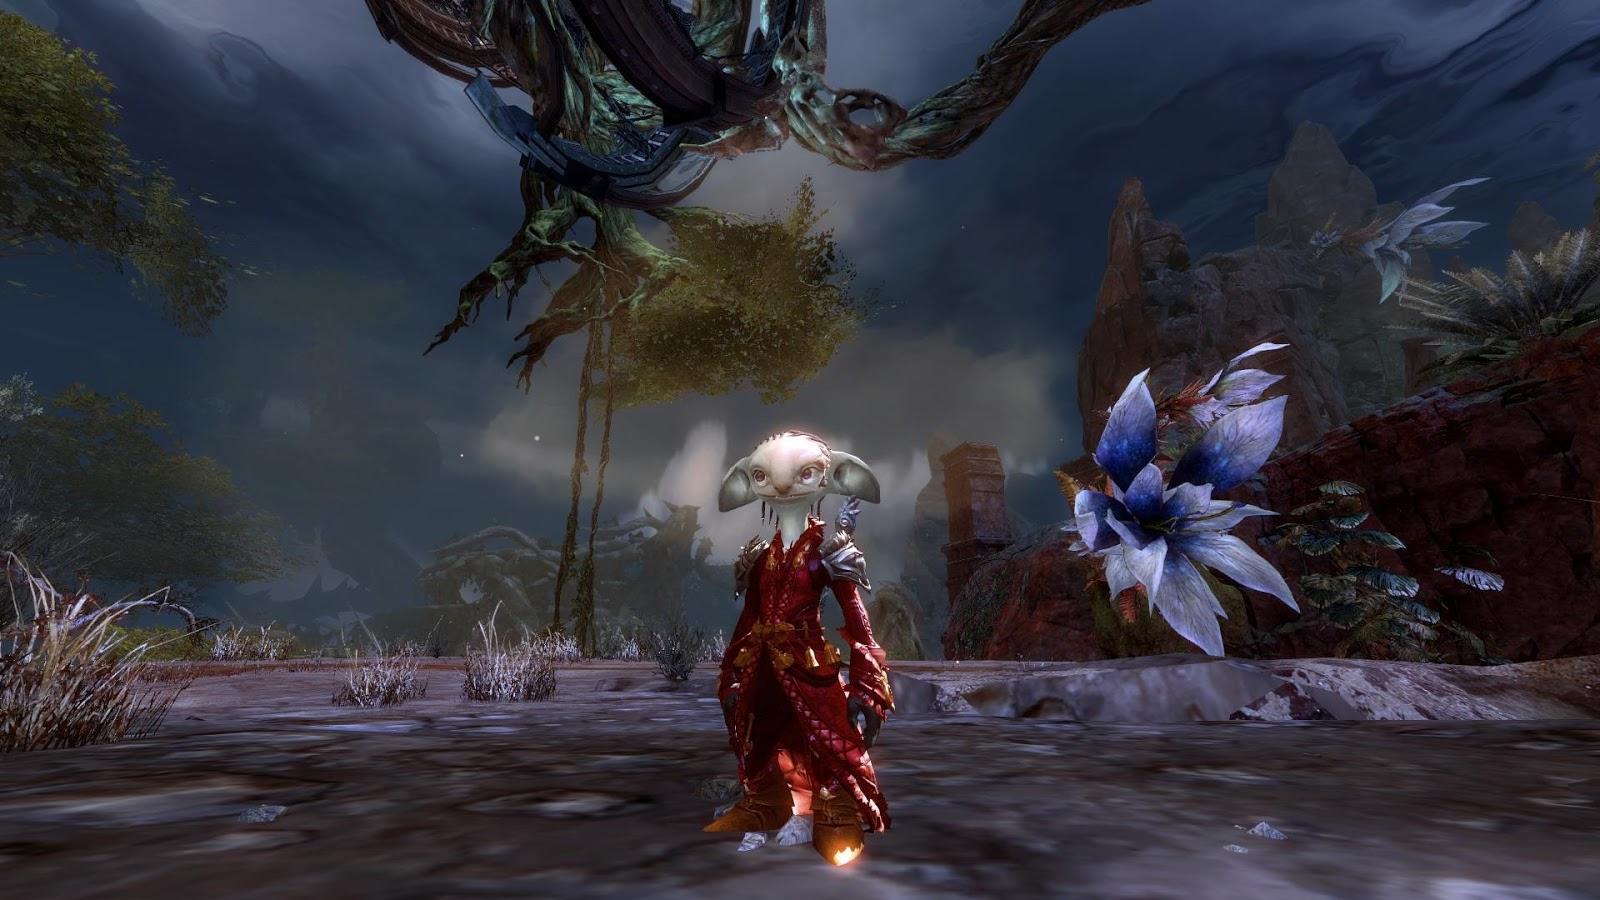 Guild wars 2 gw2 darkened desires gw2 fashion - Gw2 Eq2